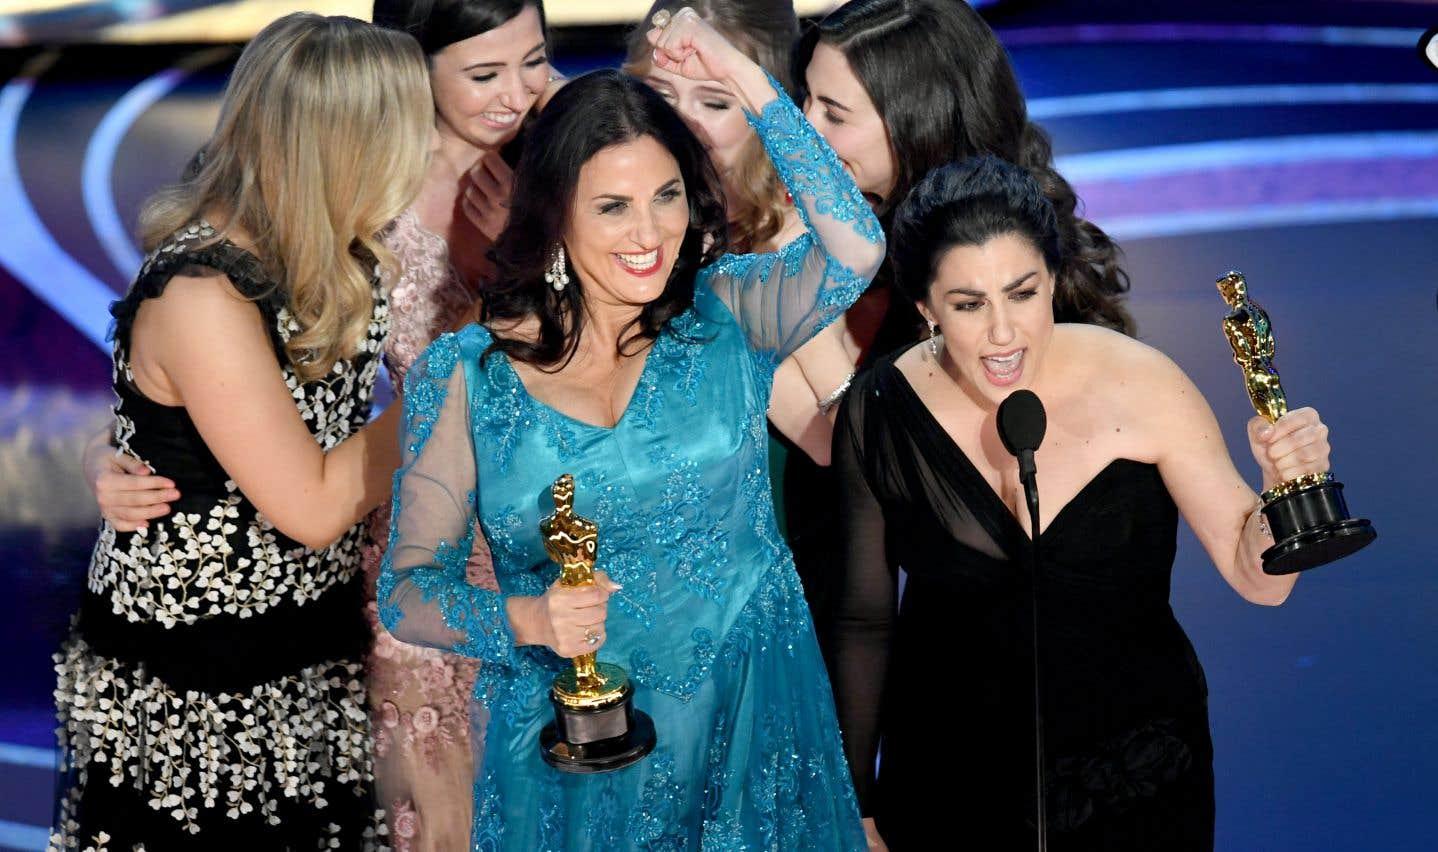 «Period. End of Sentence.» a été récompensé parl'Oscar du meilleur court métrage documentaire.